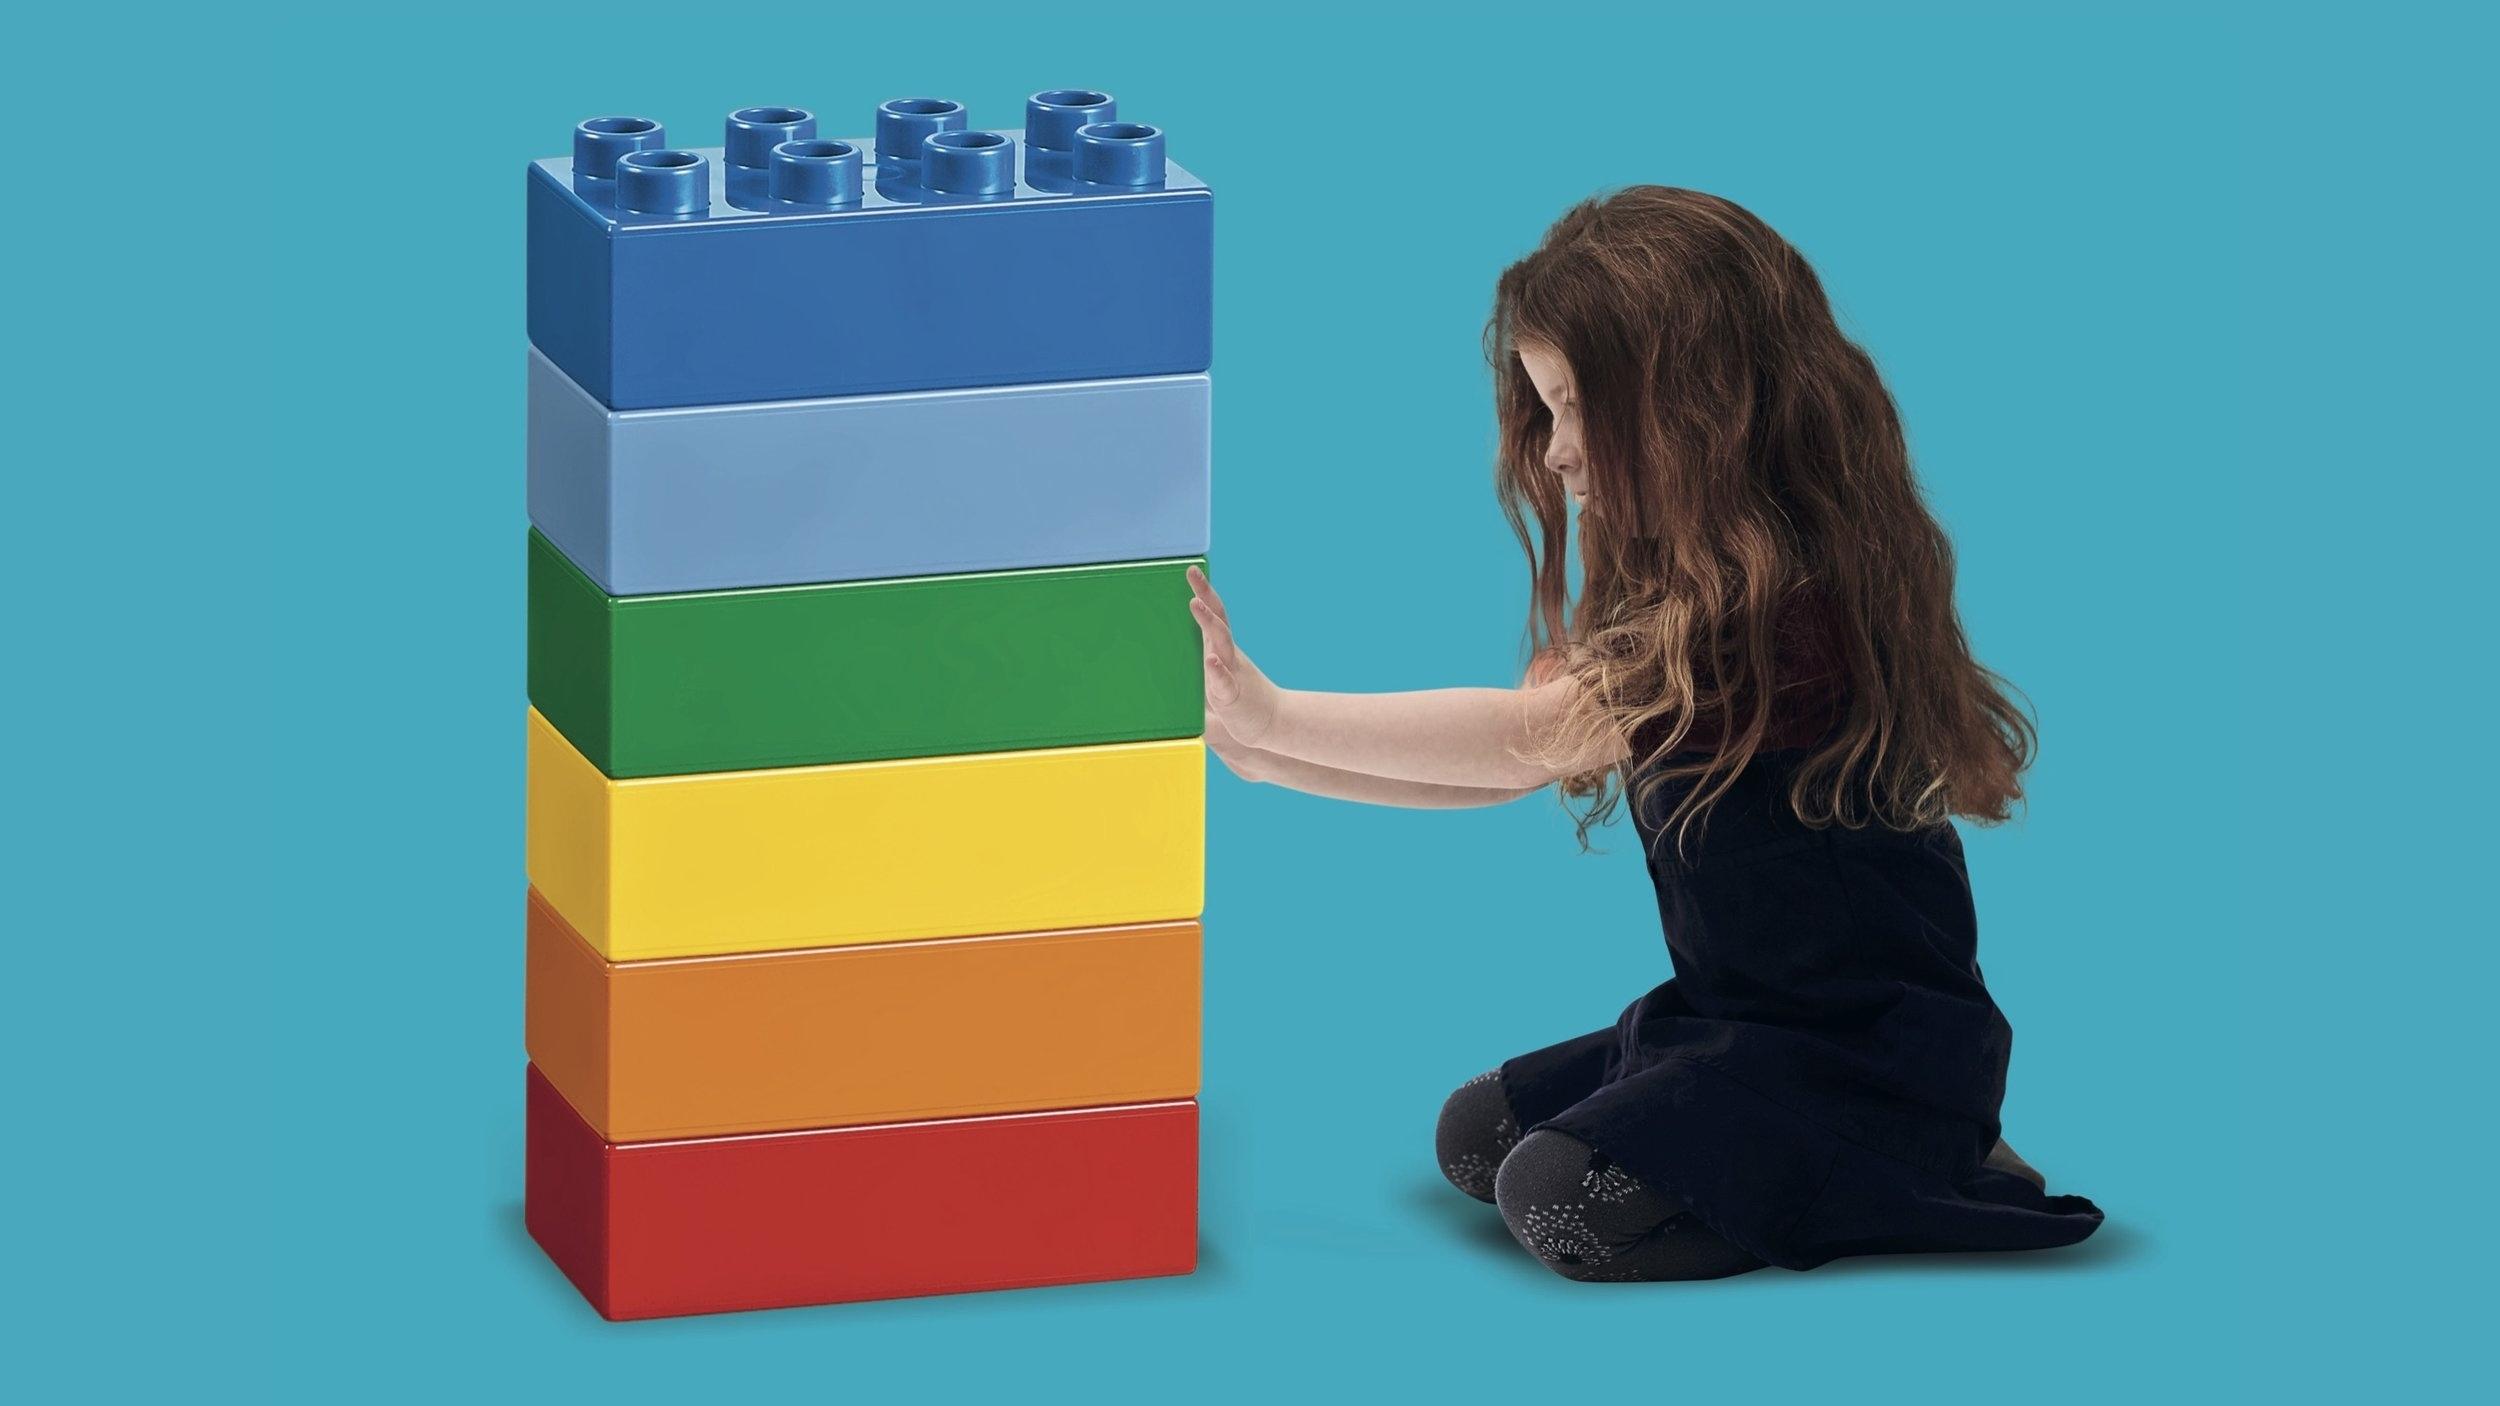 LEGO® 6 Bricks Workshop - Atividades curtas e divertidas com conjuntos de peças LEGO DUPLO em seis cores vivas.